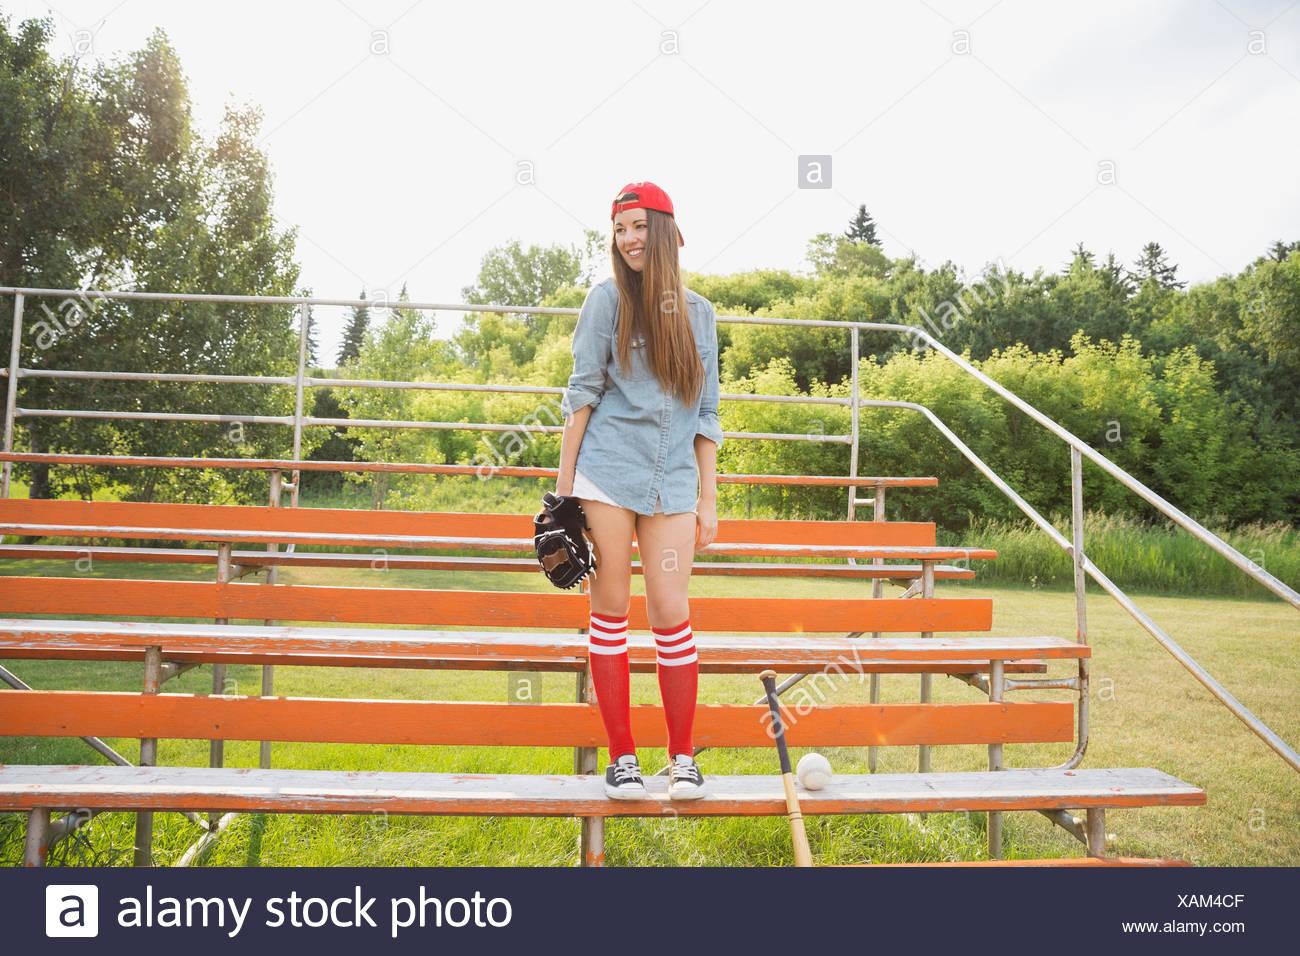 Joueur de base-ball debout dans les gradins Photo Stock